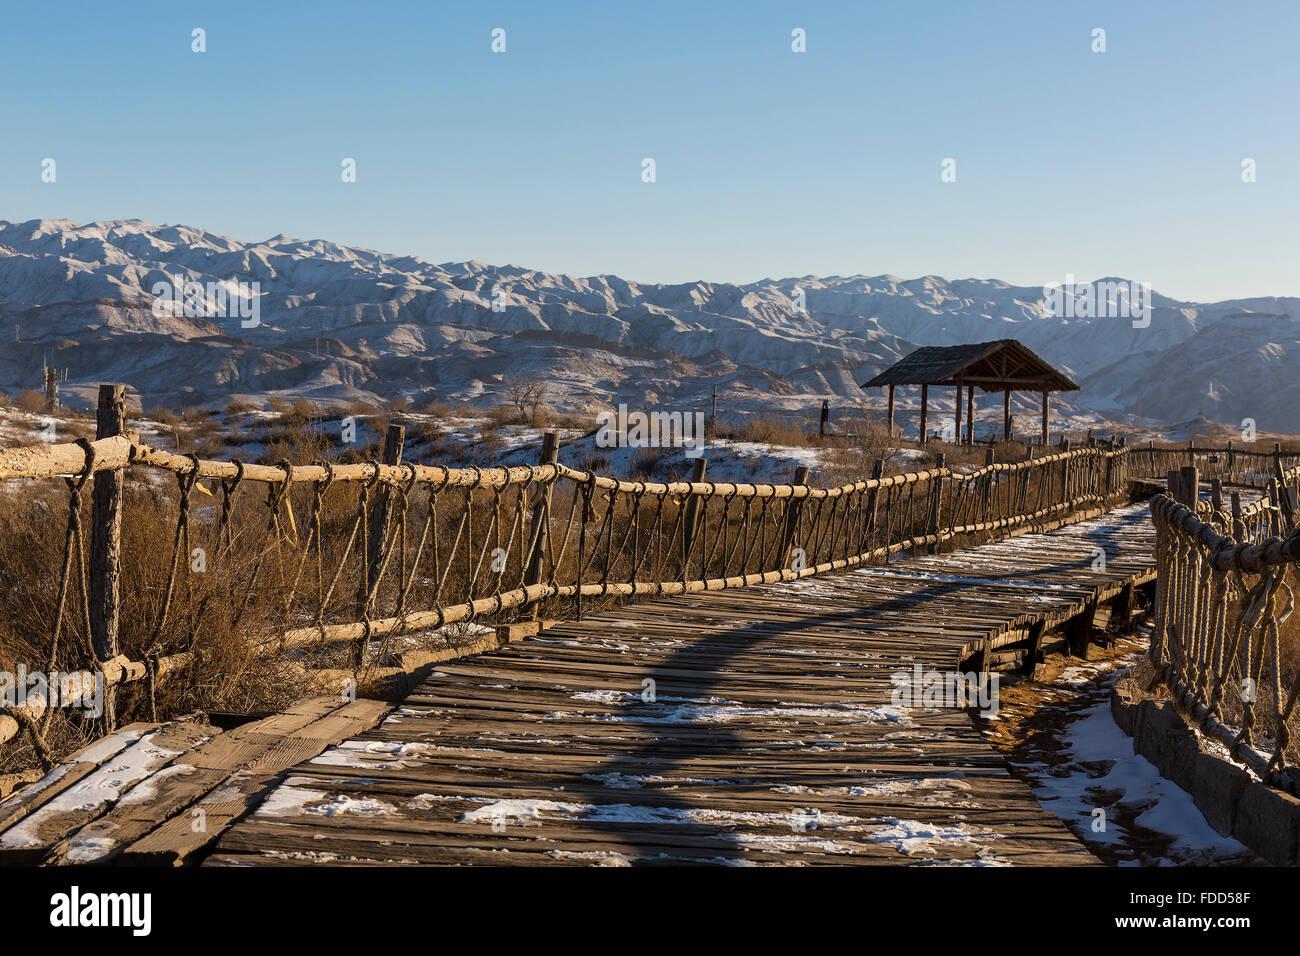 Ruta de senderismo en el Parque Nacional - Shapotou Ningxia, China Foto de stock